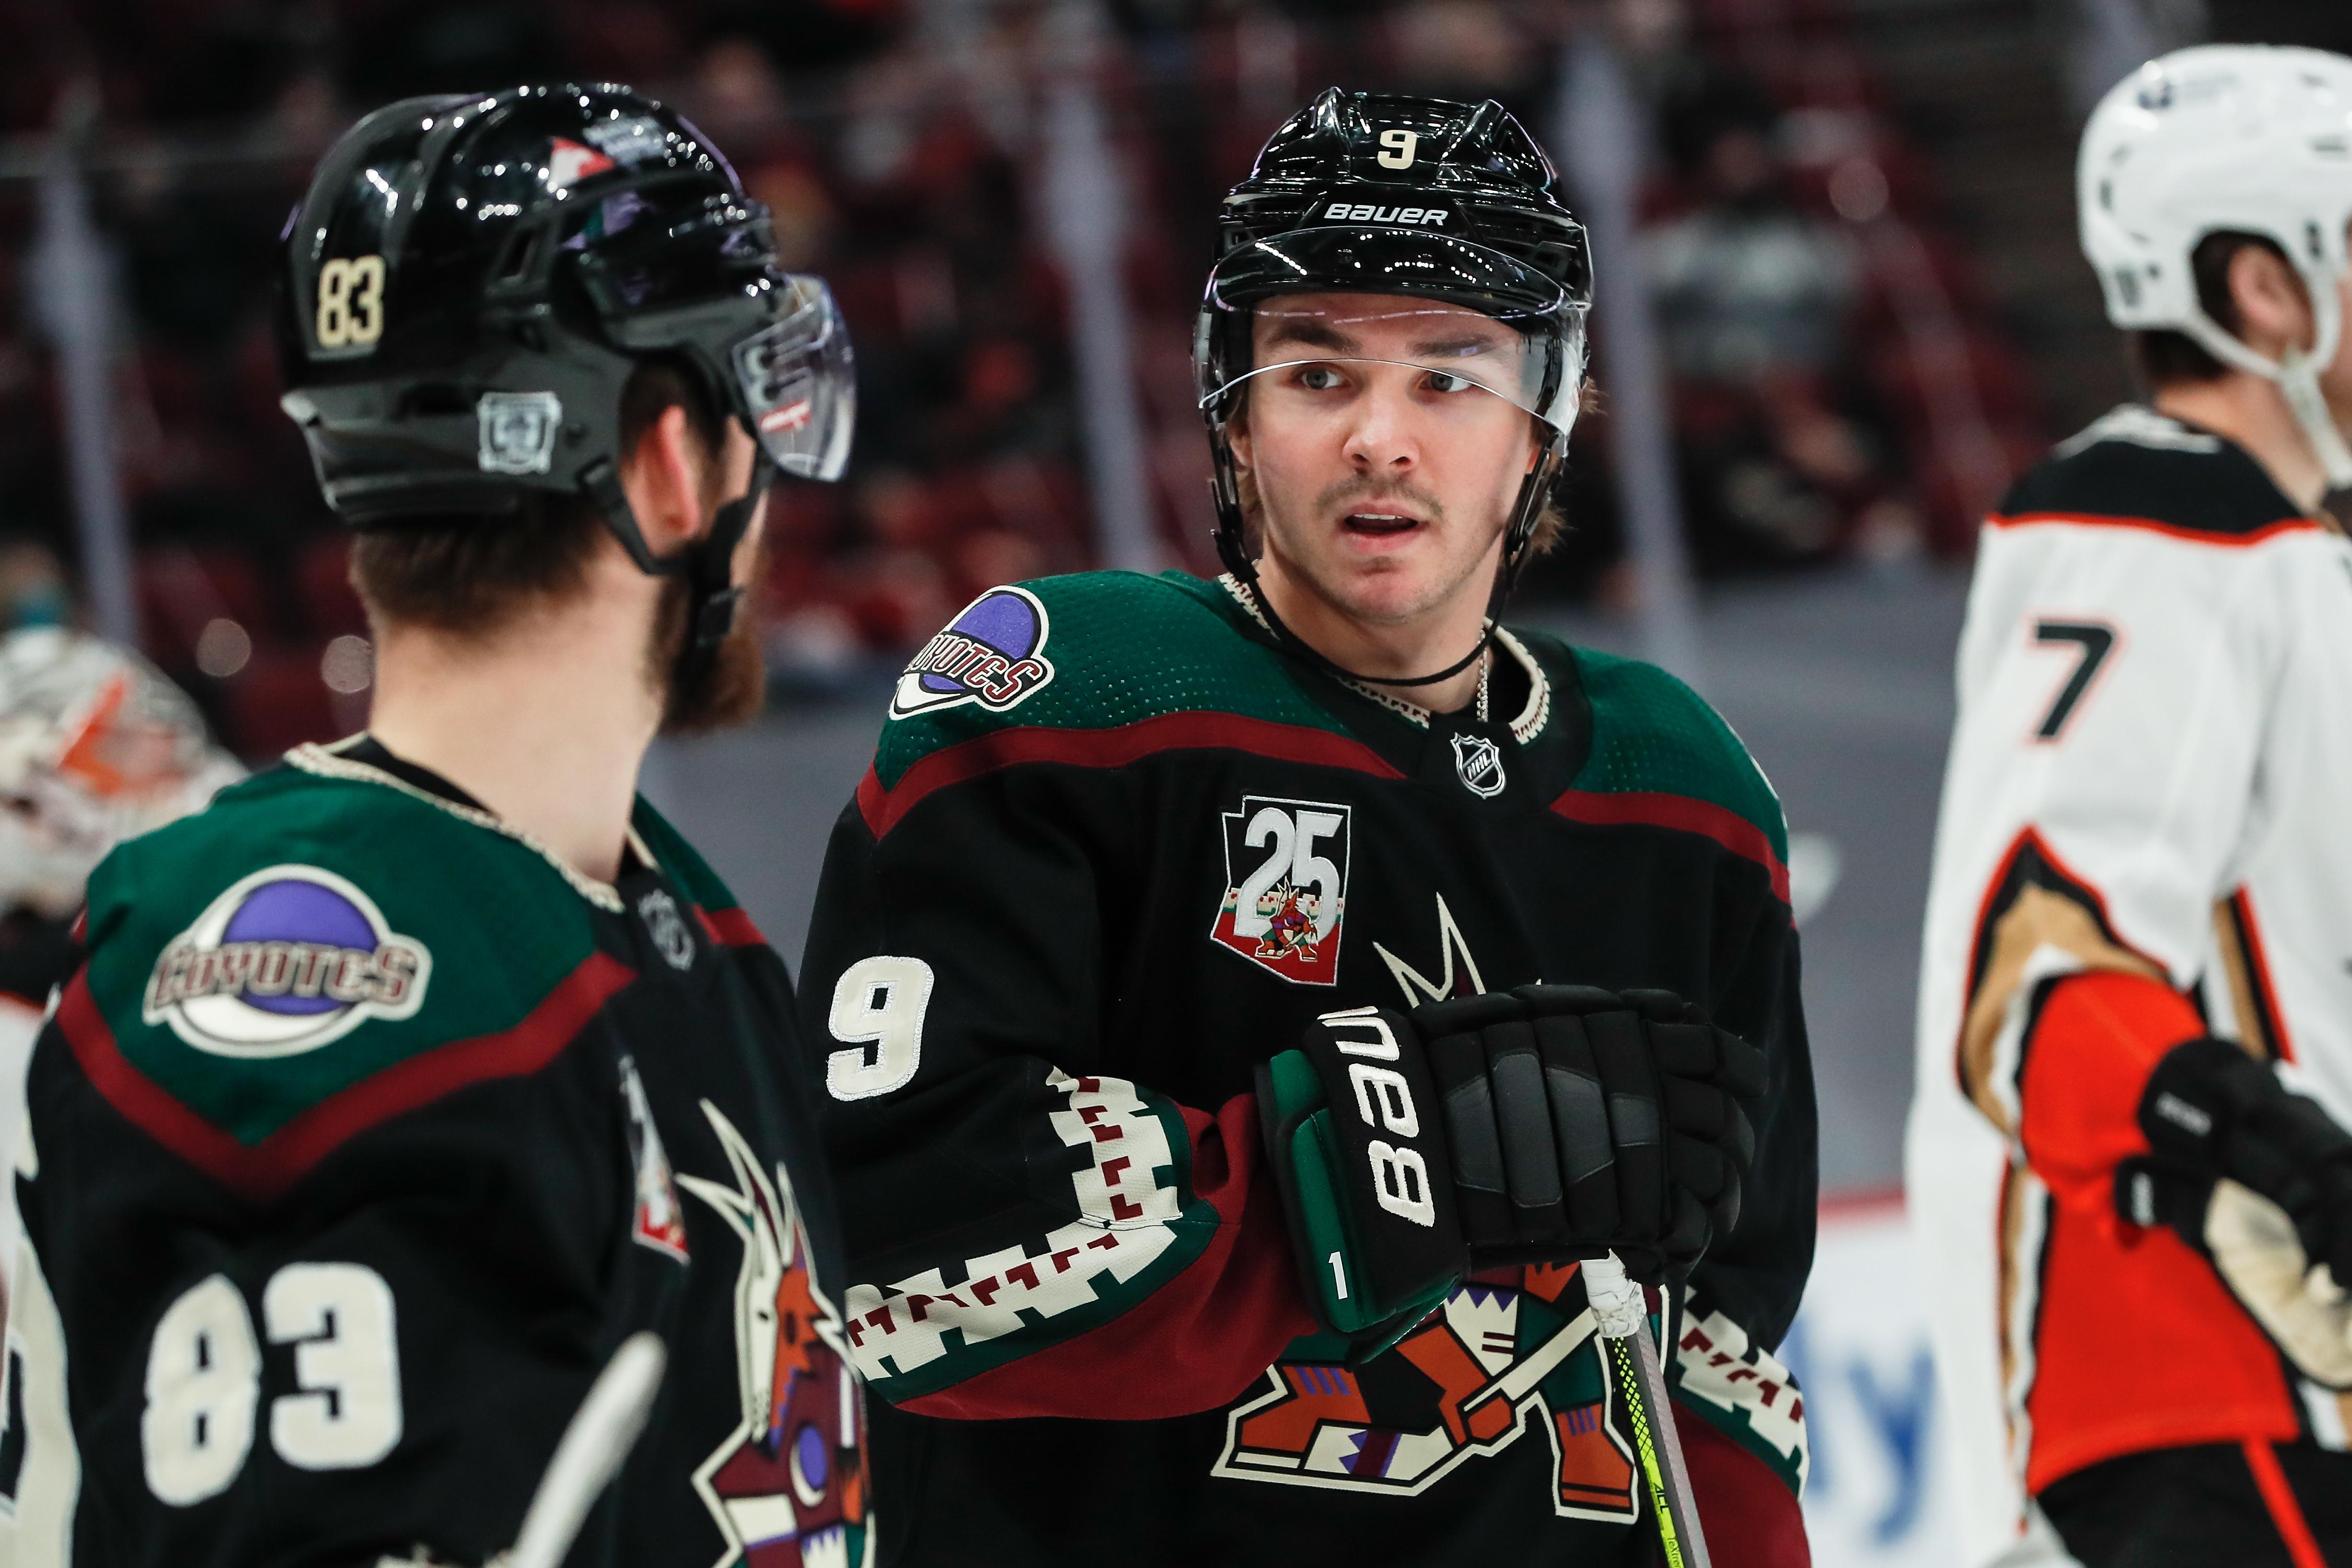 NHL: JAN 28 Ducks at Coyotes